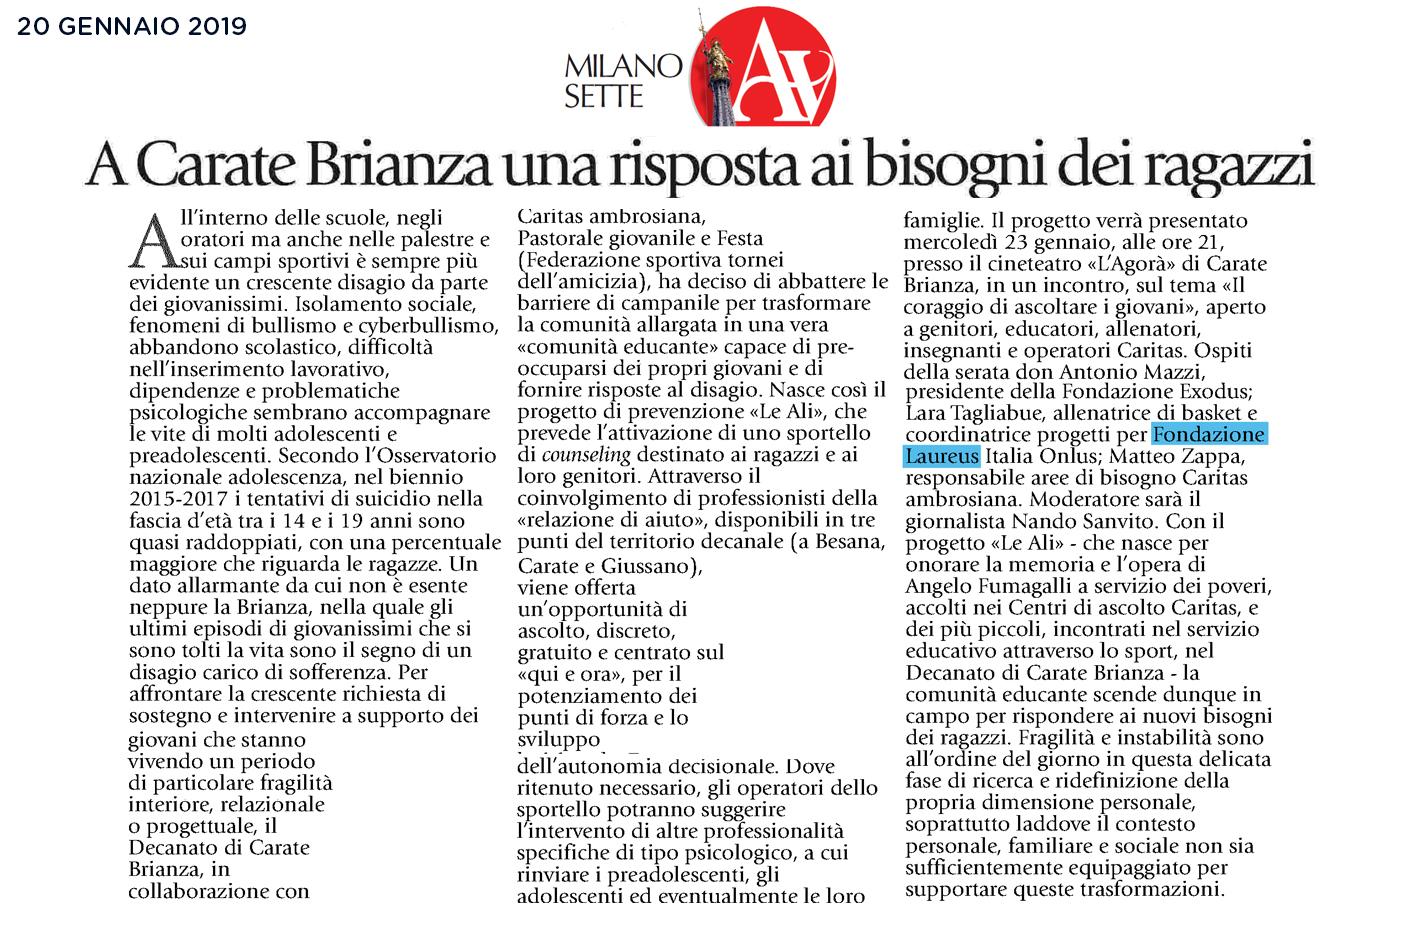 20-01-2019_MILANO-SETTE